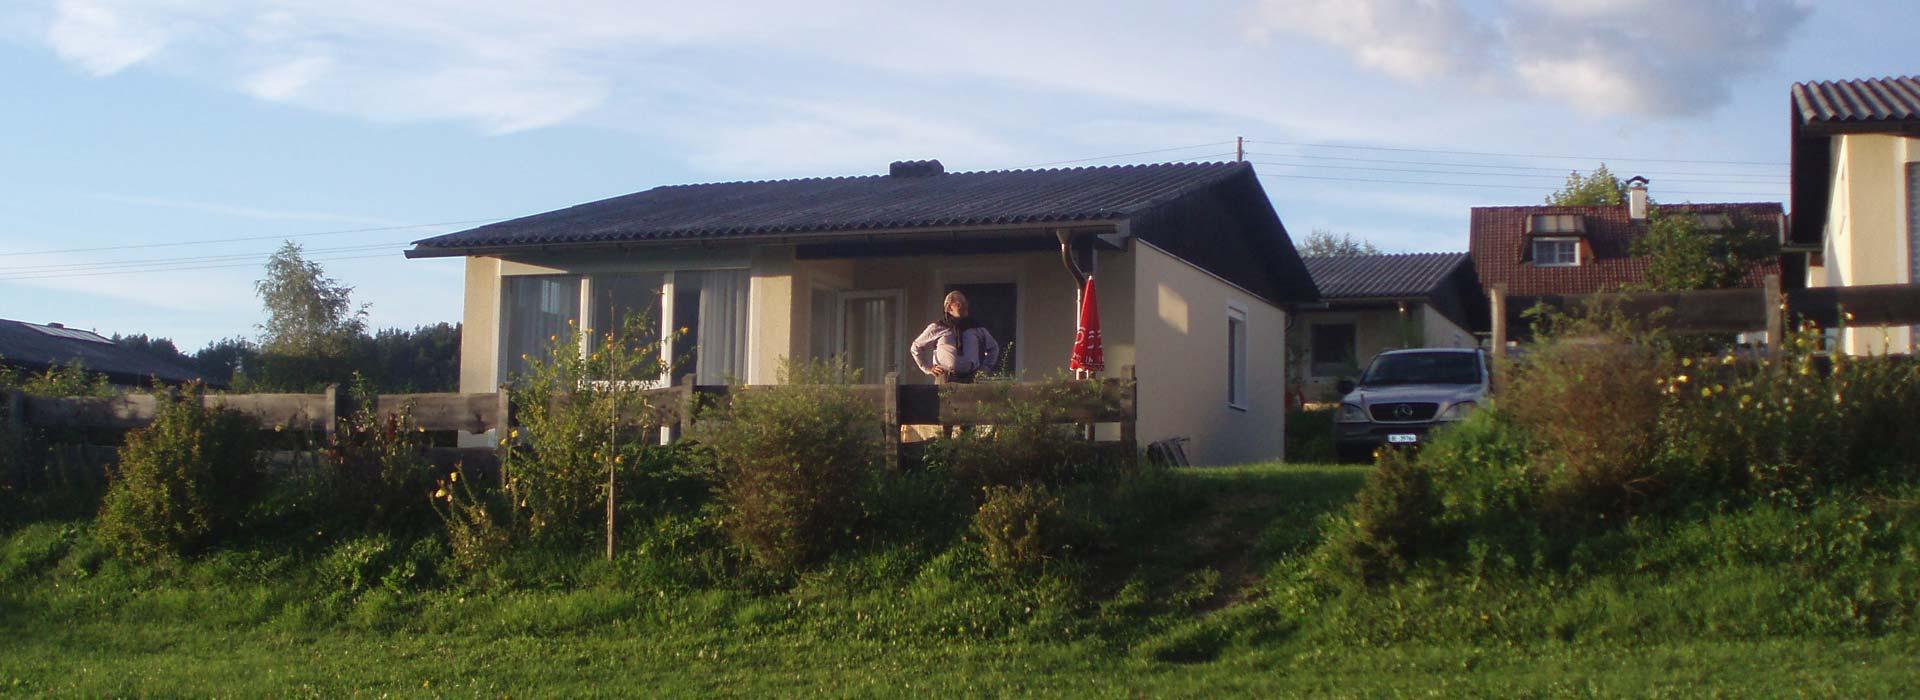 Ferienhaus Deluxe3